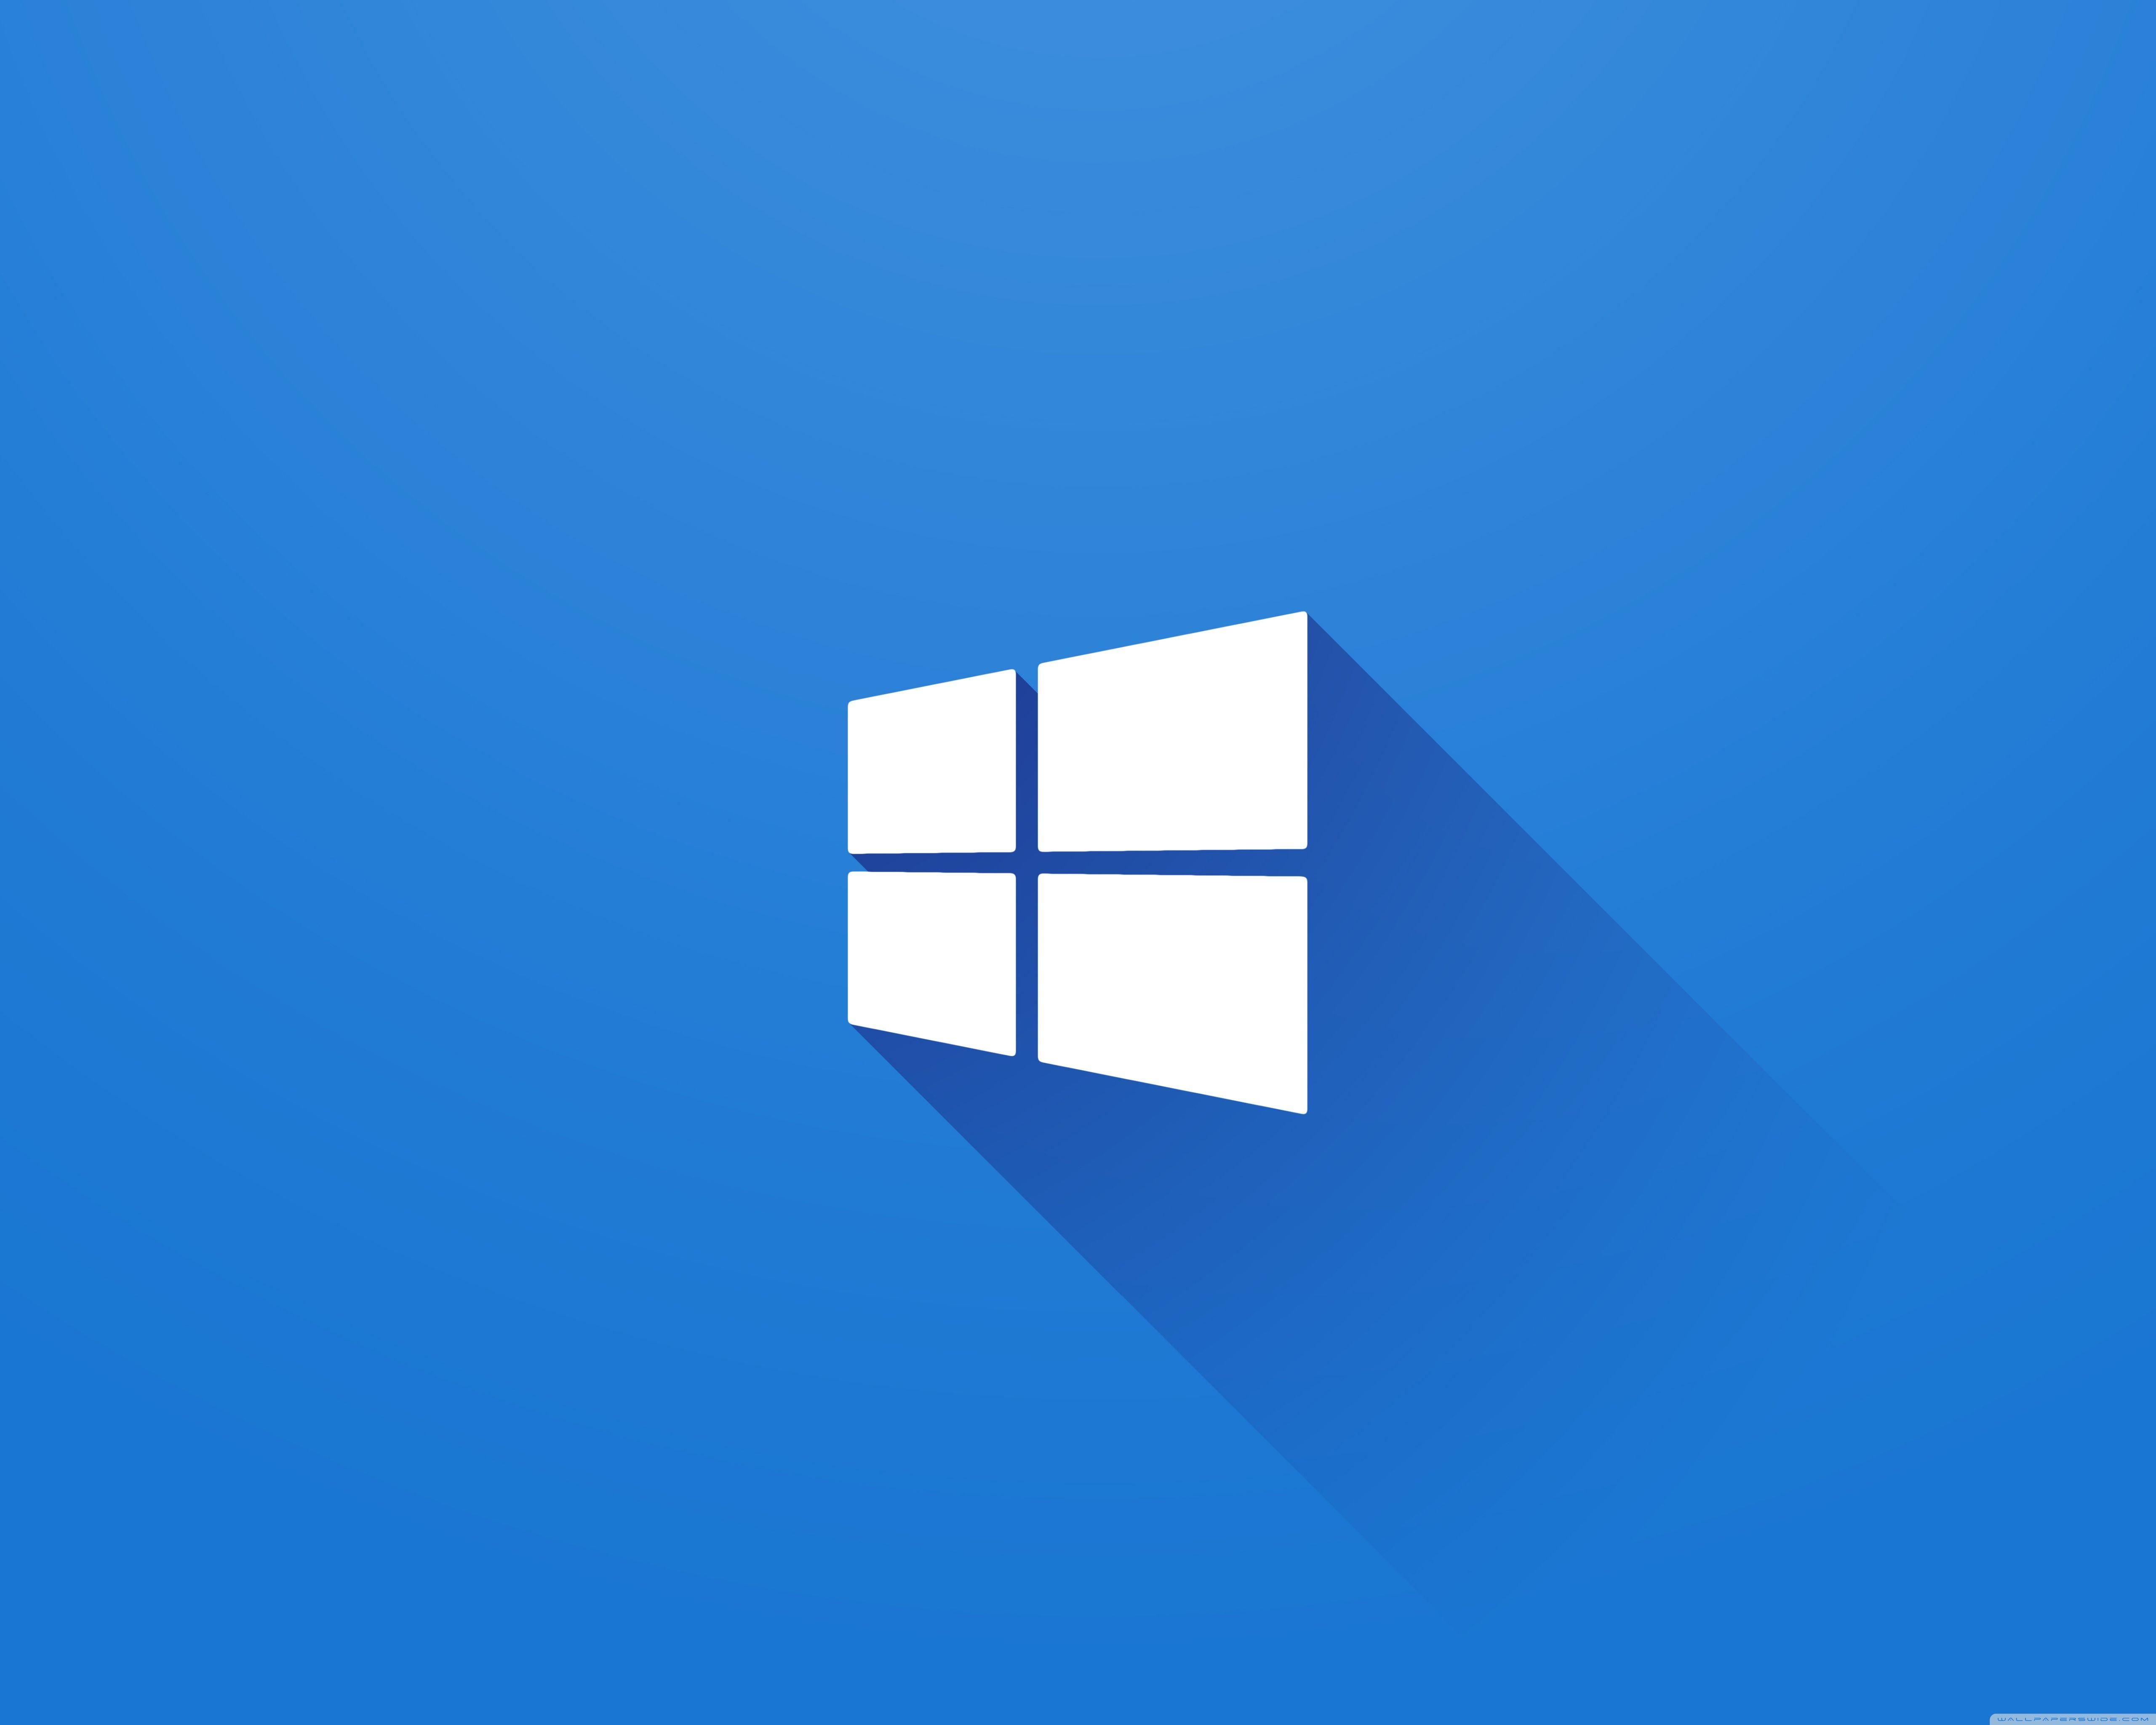 Aero Light Blue HD desktop wallpaper Widescreen High